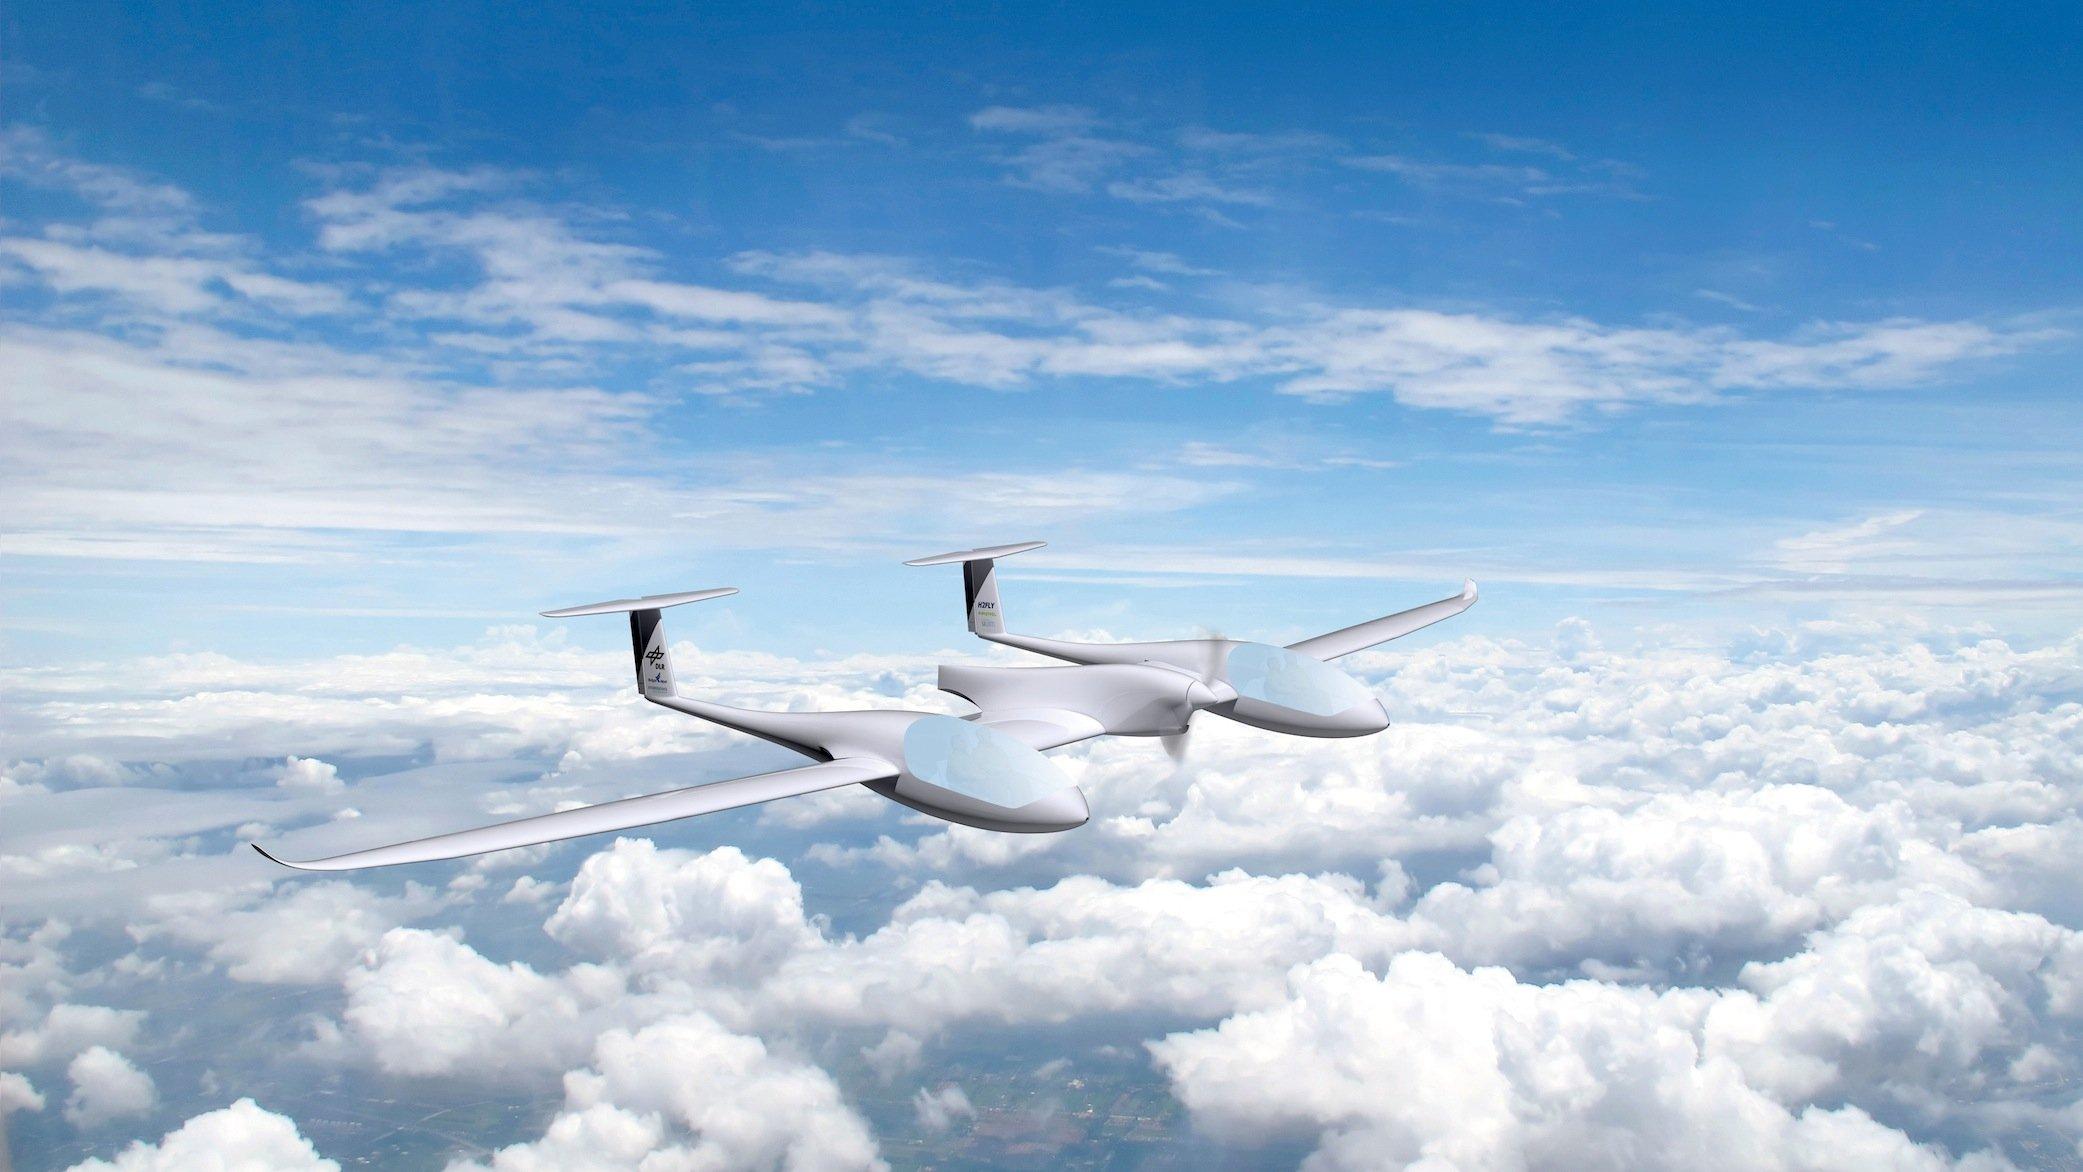 HY4 soll eine Reisegeschwindigkeit von 145 km/h erreichen und mit einer Wasserstoff-Ladung bis zu 1500 km weit fliegen können.